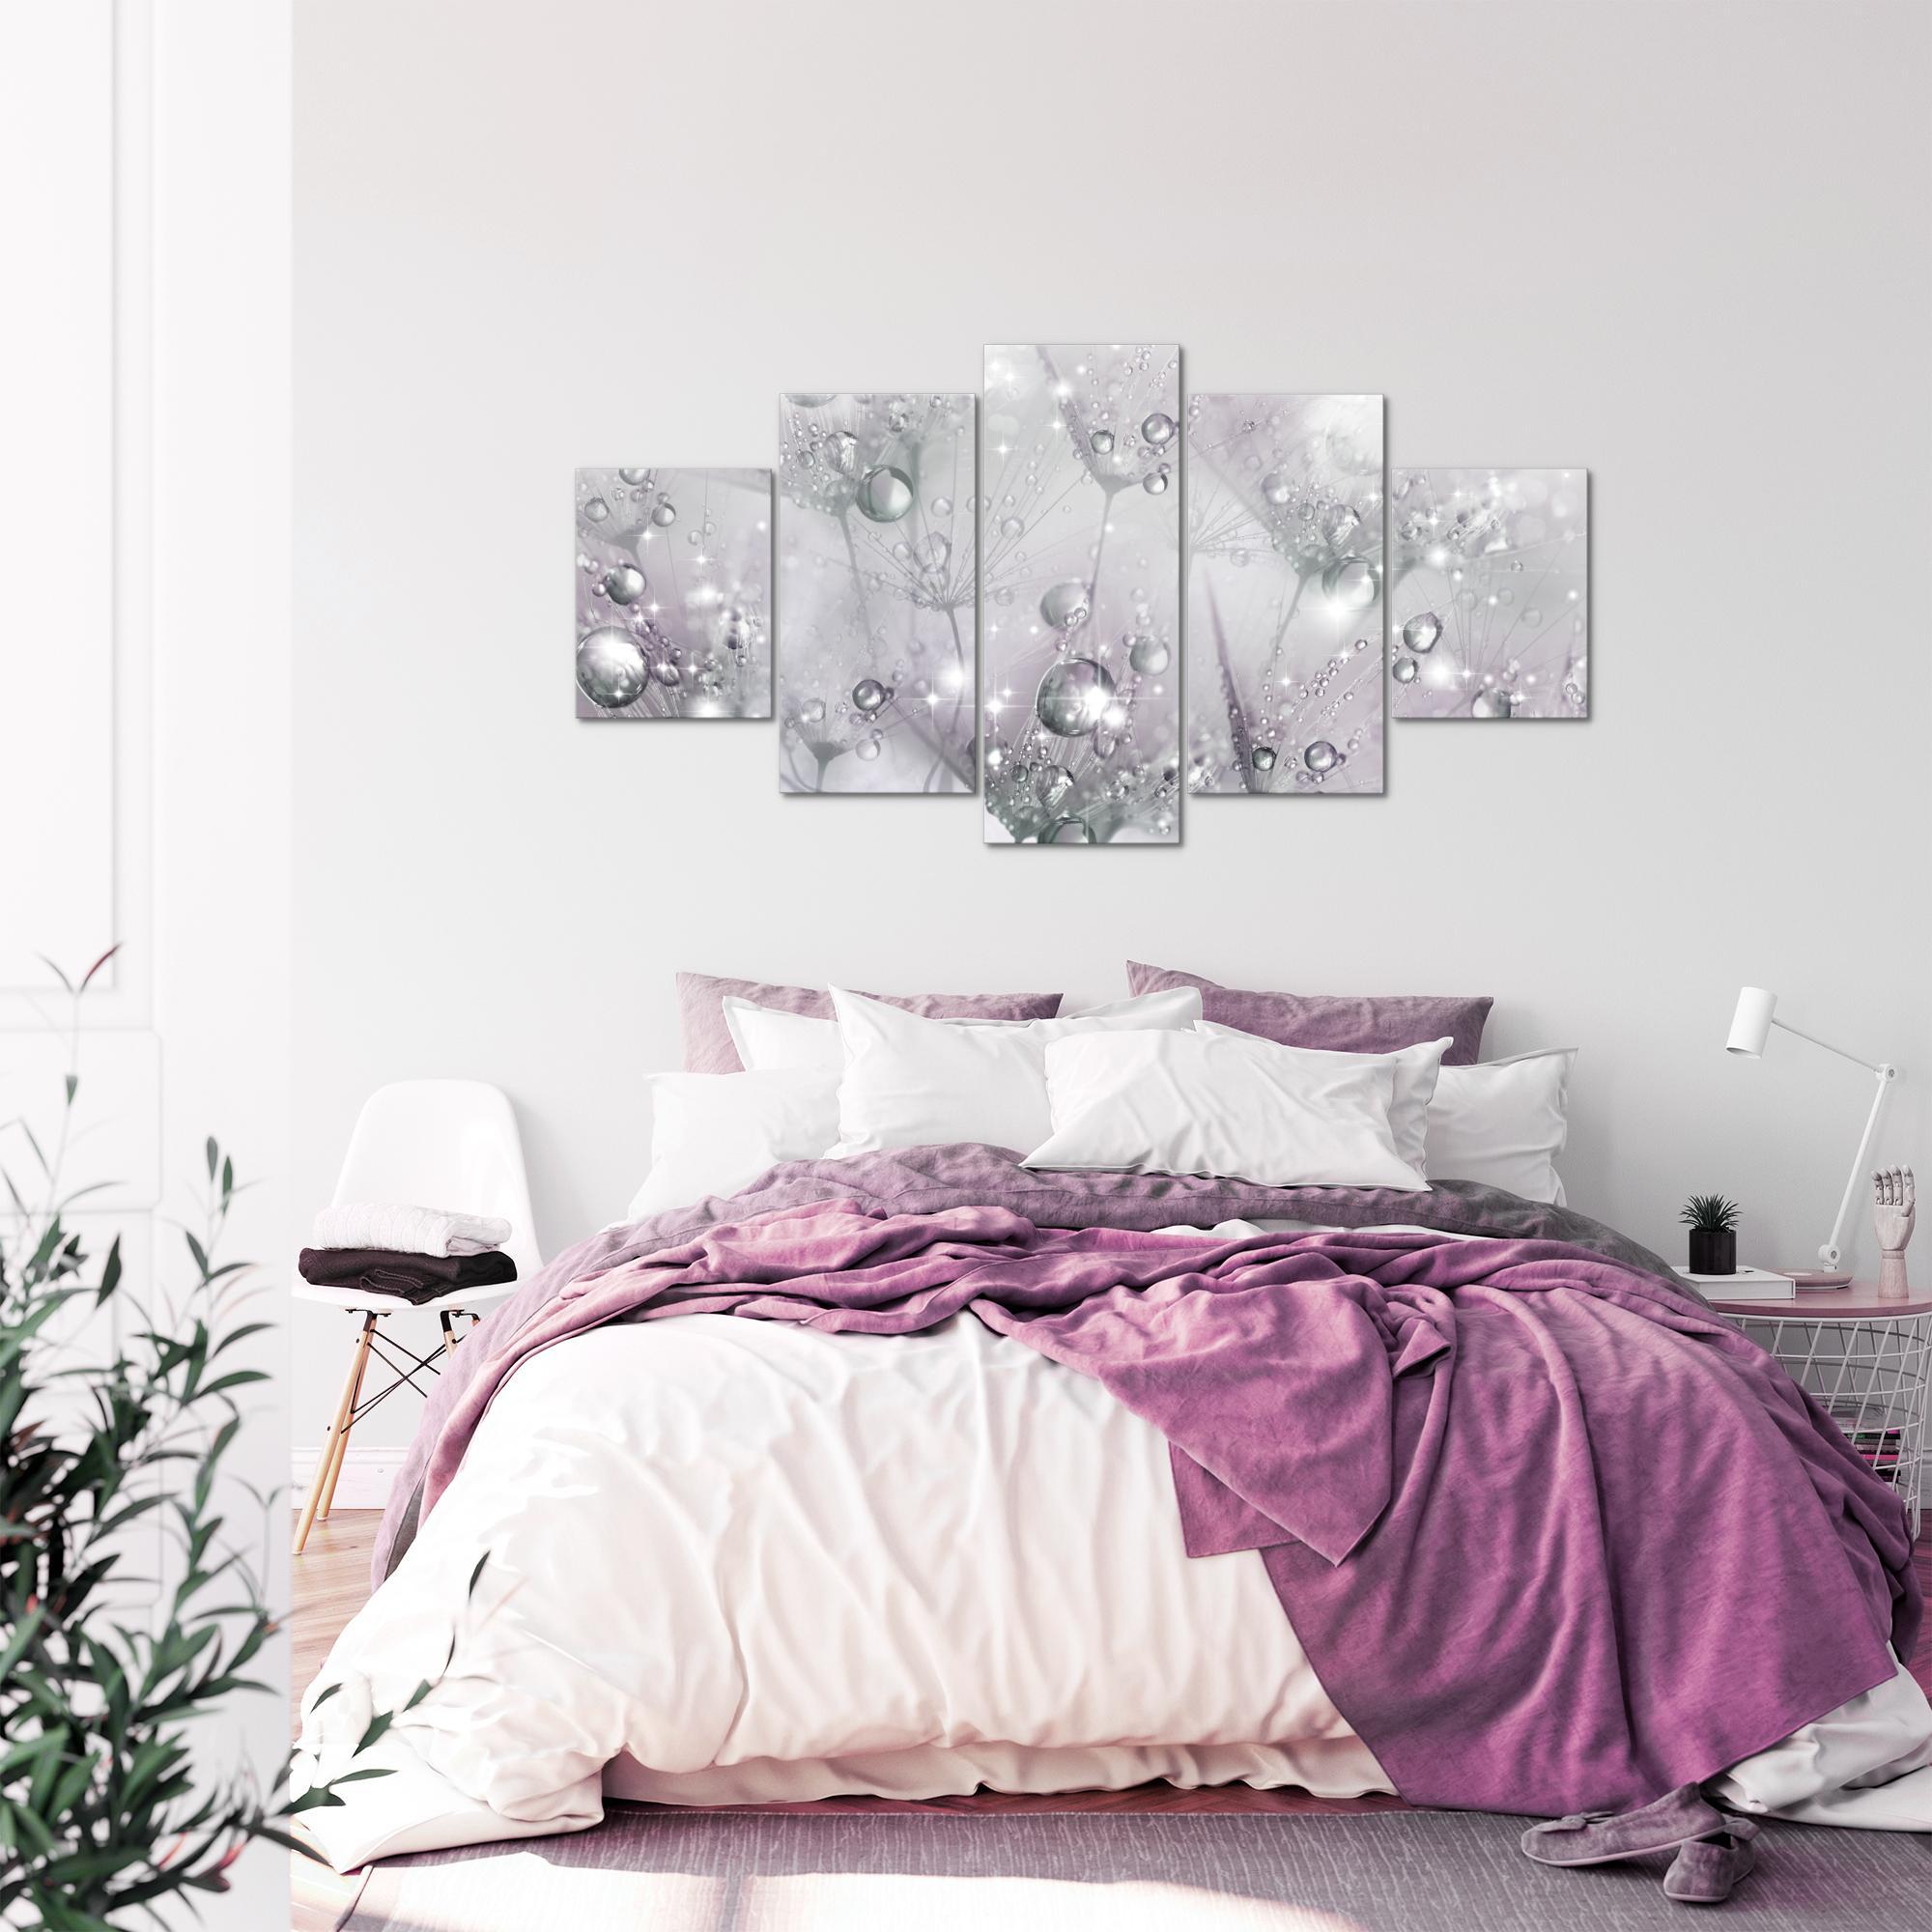 blumen pusteblume bild kunstdruck auf vlies leinwand xxl dekoration 02165p. Black Bedroom Furniture Sets. Home Design Ideas